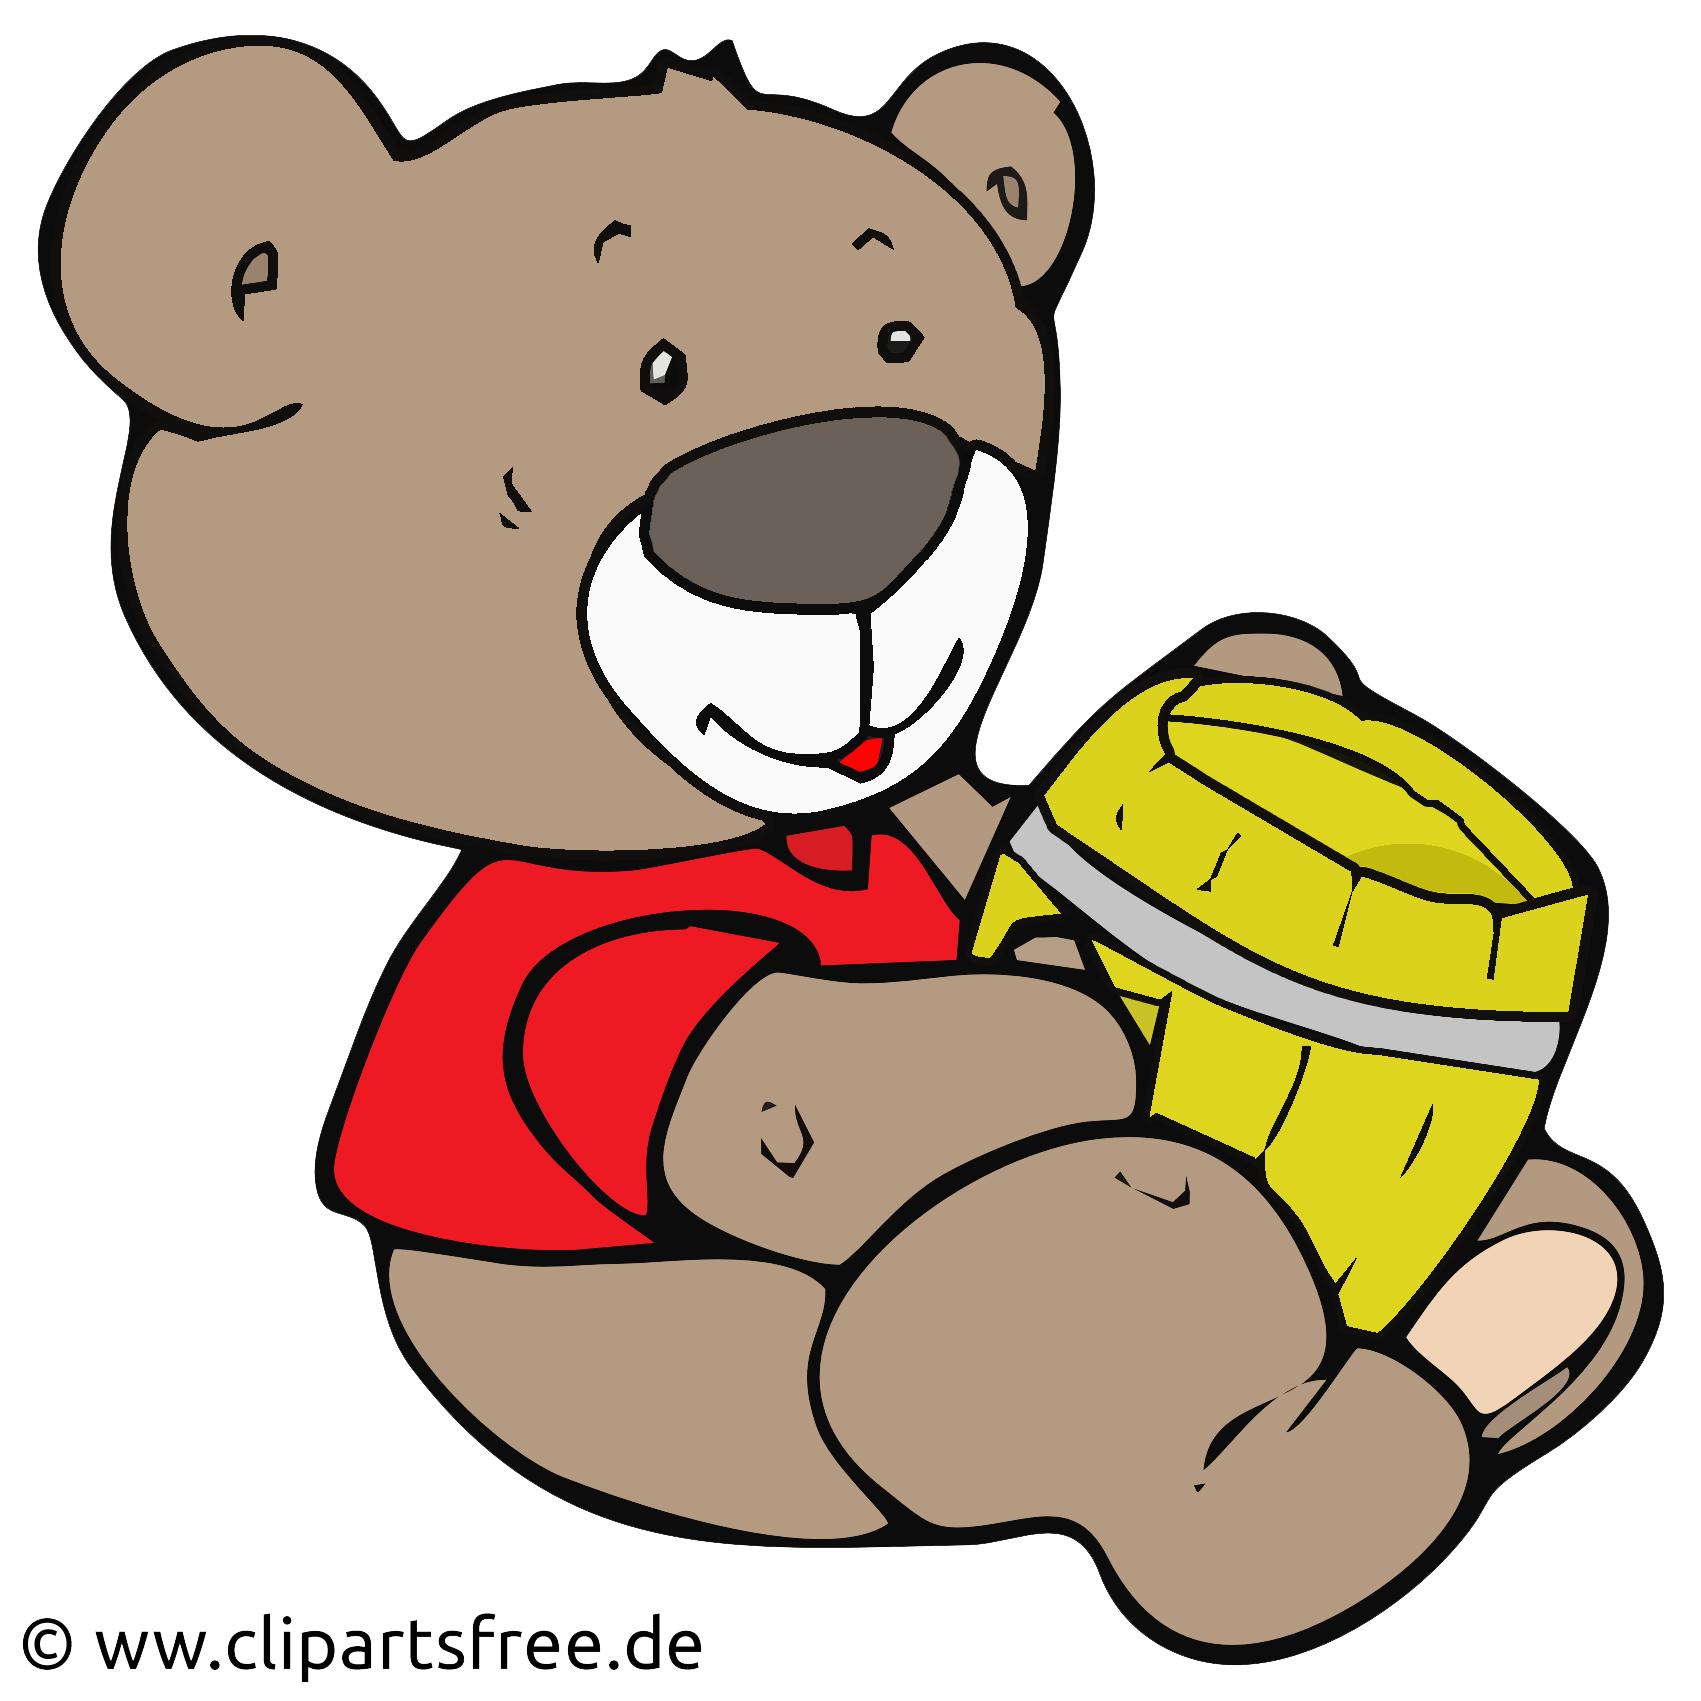 Baer mit Honig Clip Art, Cartoon, Illustration.